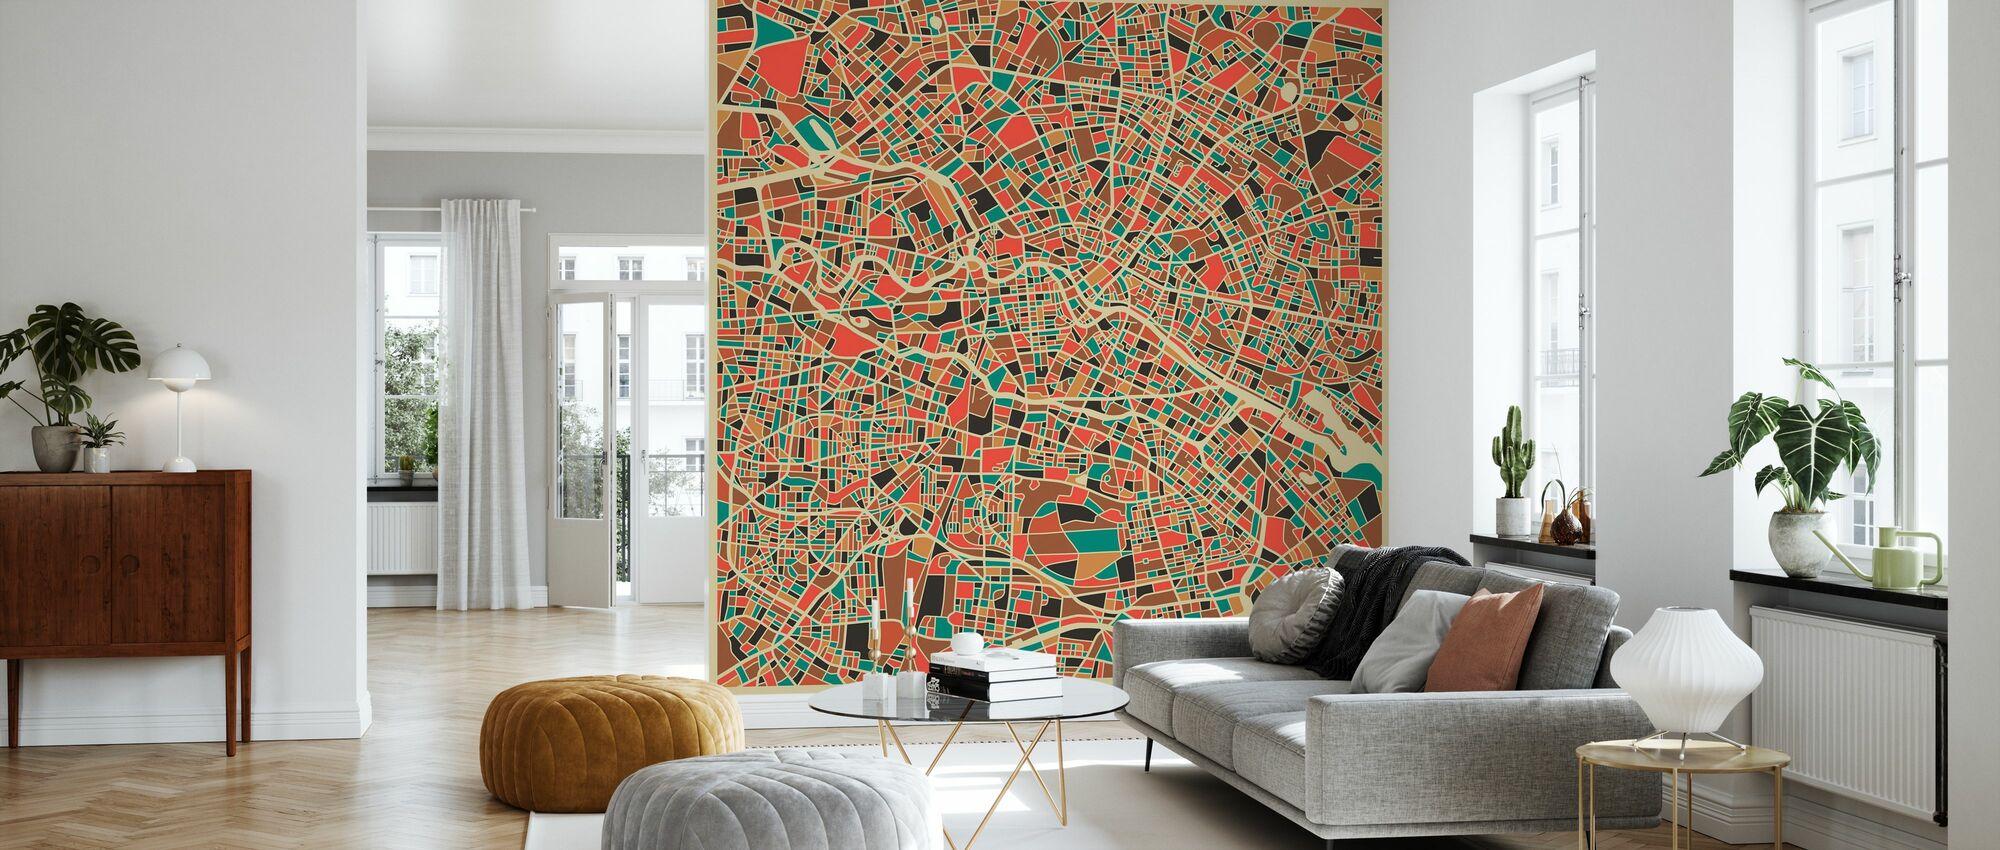 Multicolor Map - Berlin - Wallpaper - Living Room